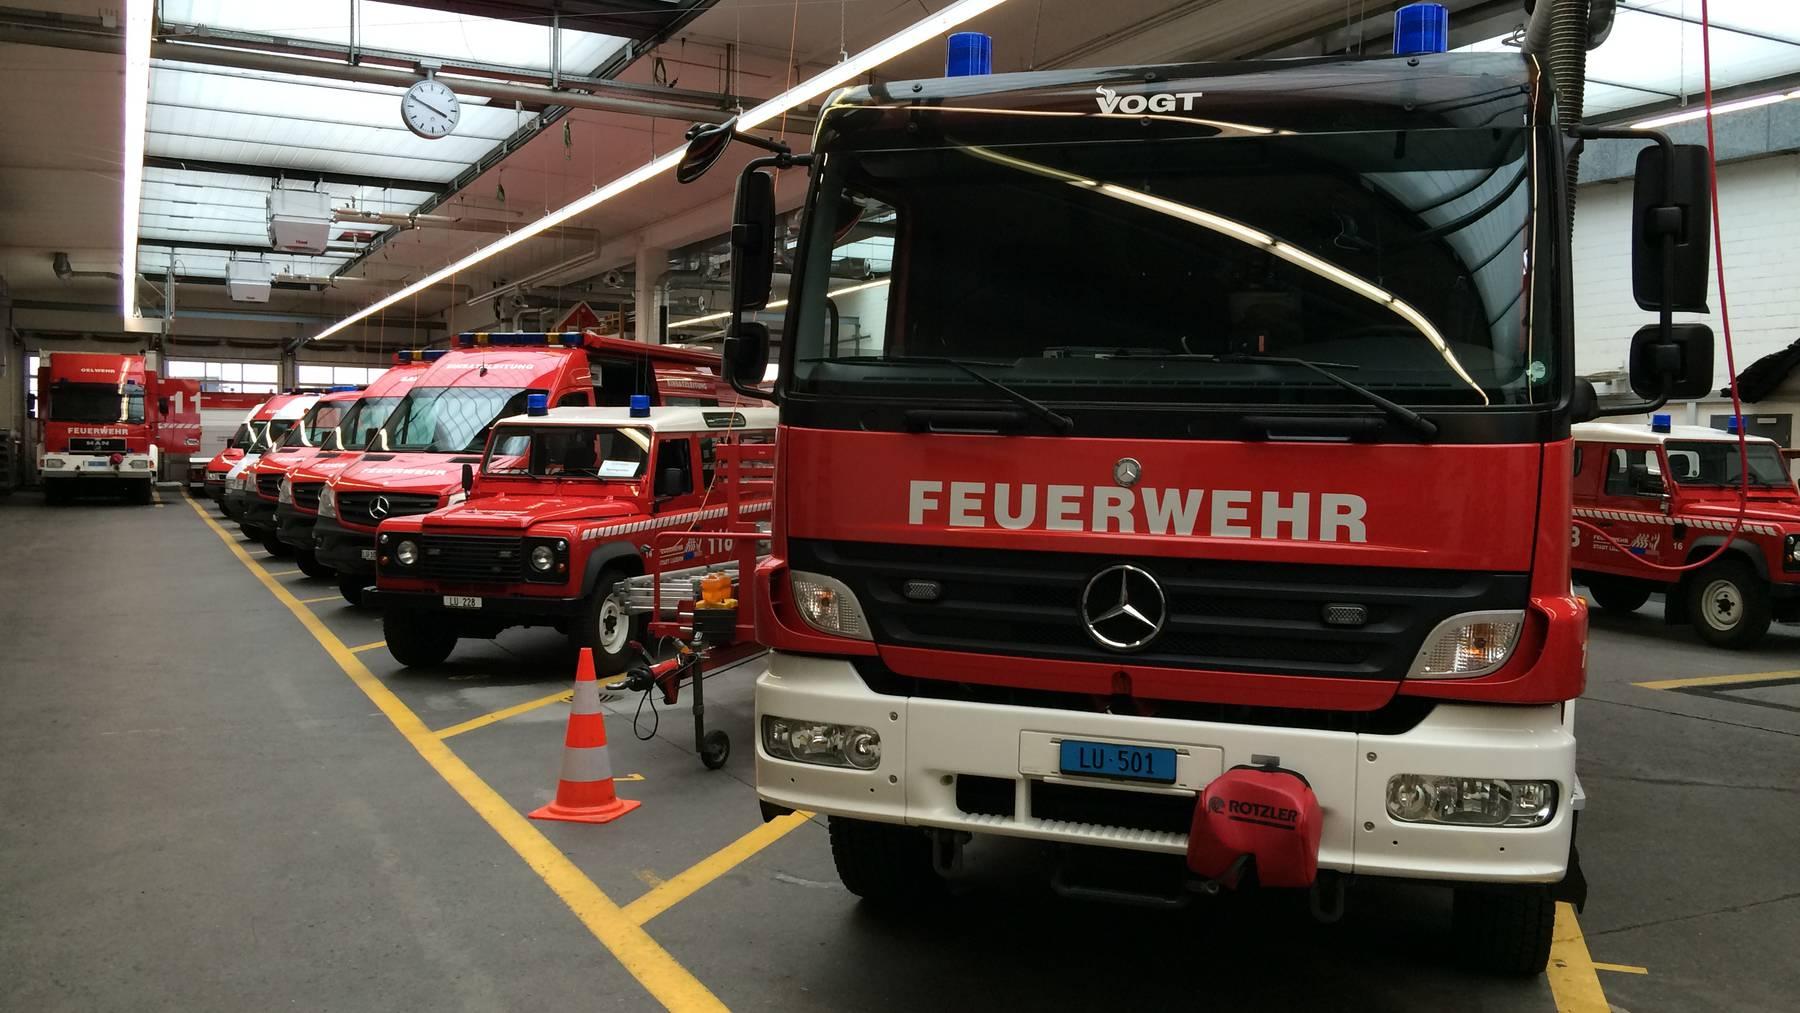 Luzerner sollen höhere Feuerwehrabgabe bezahlen